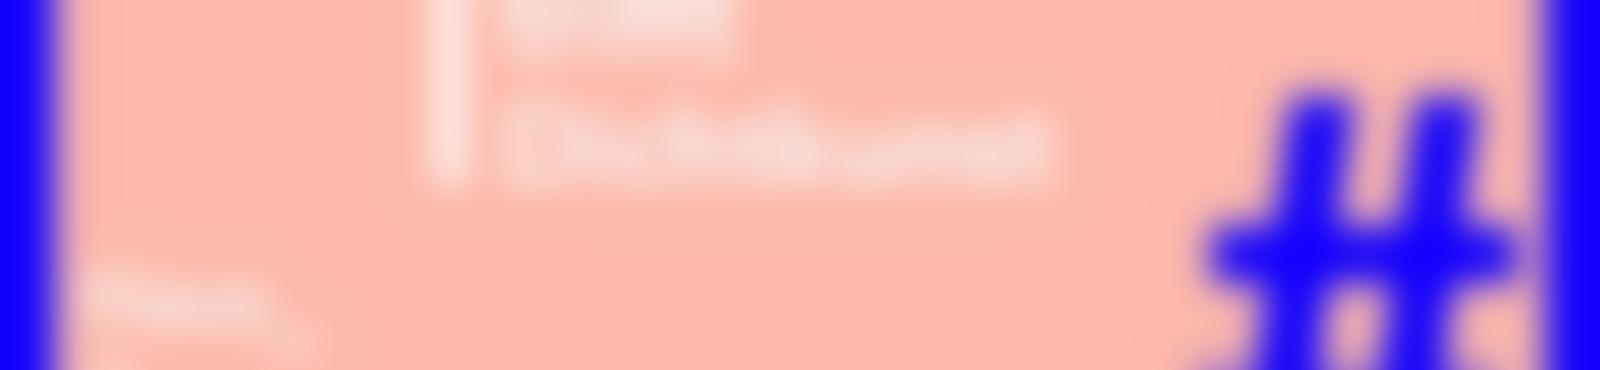 Blurred 890b79ab 8912 4f47 bc7a 48f59716832c